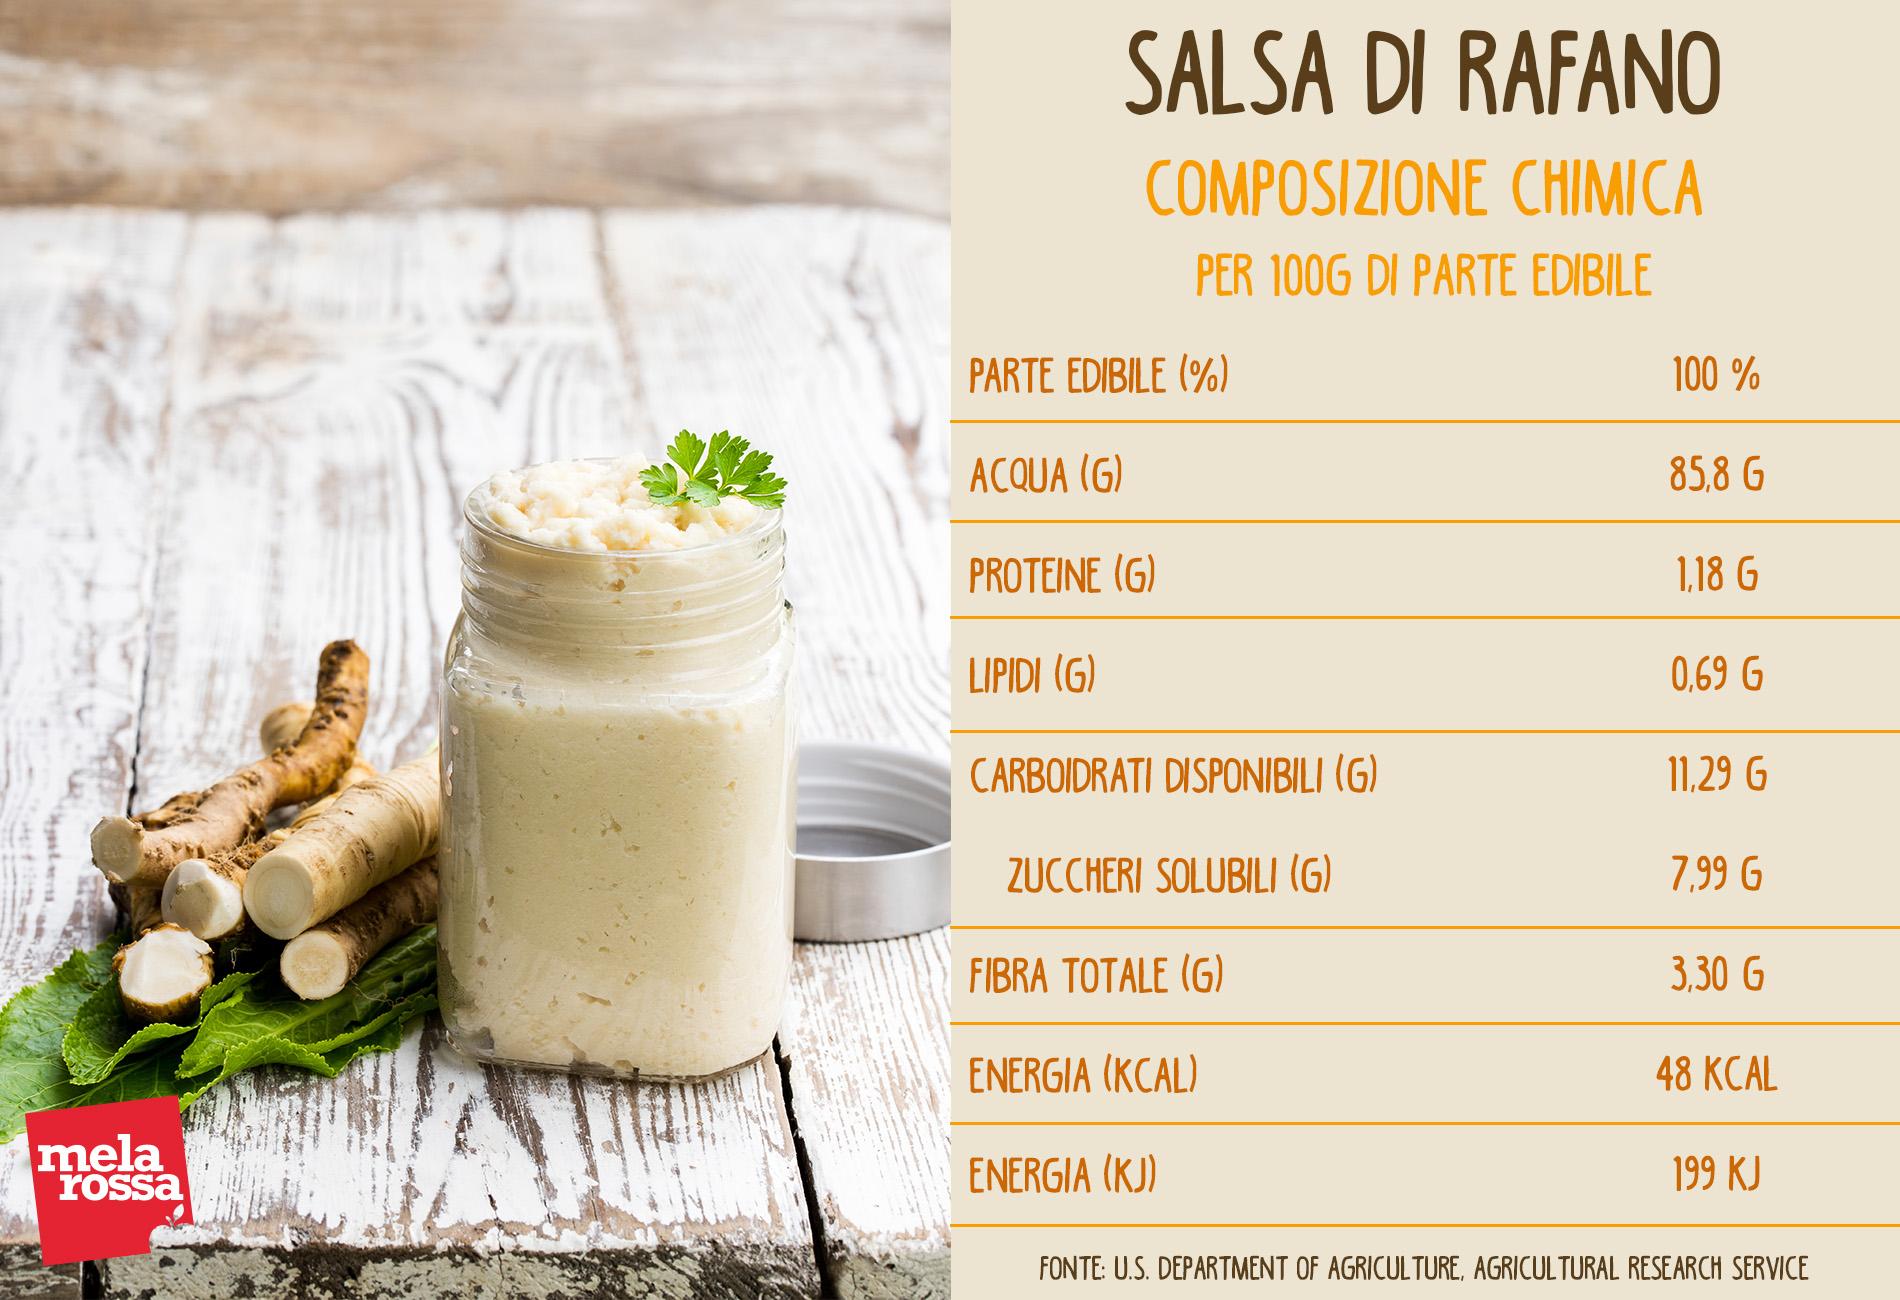 salsa di rafano: valori nutrizionali